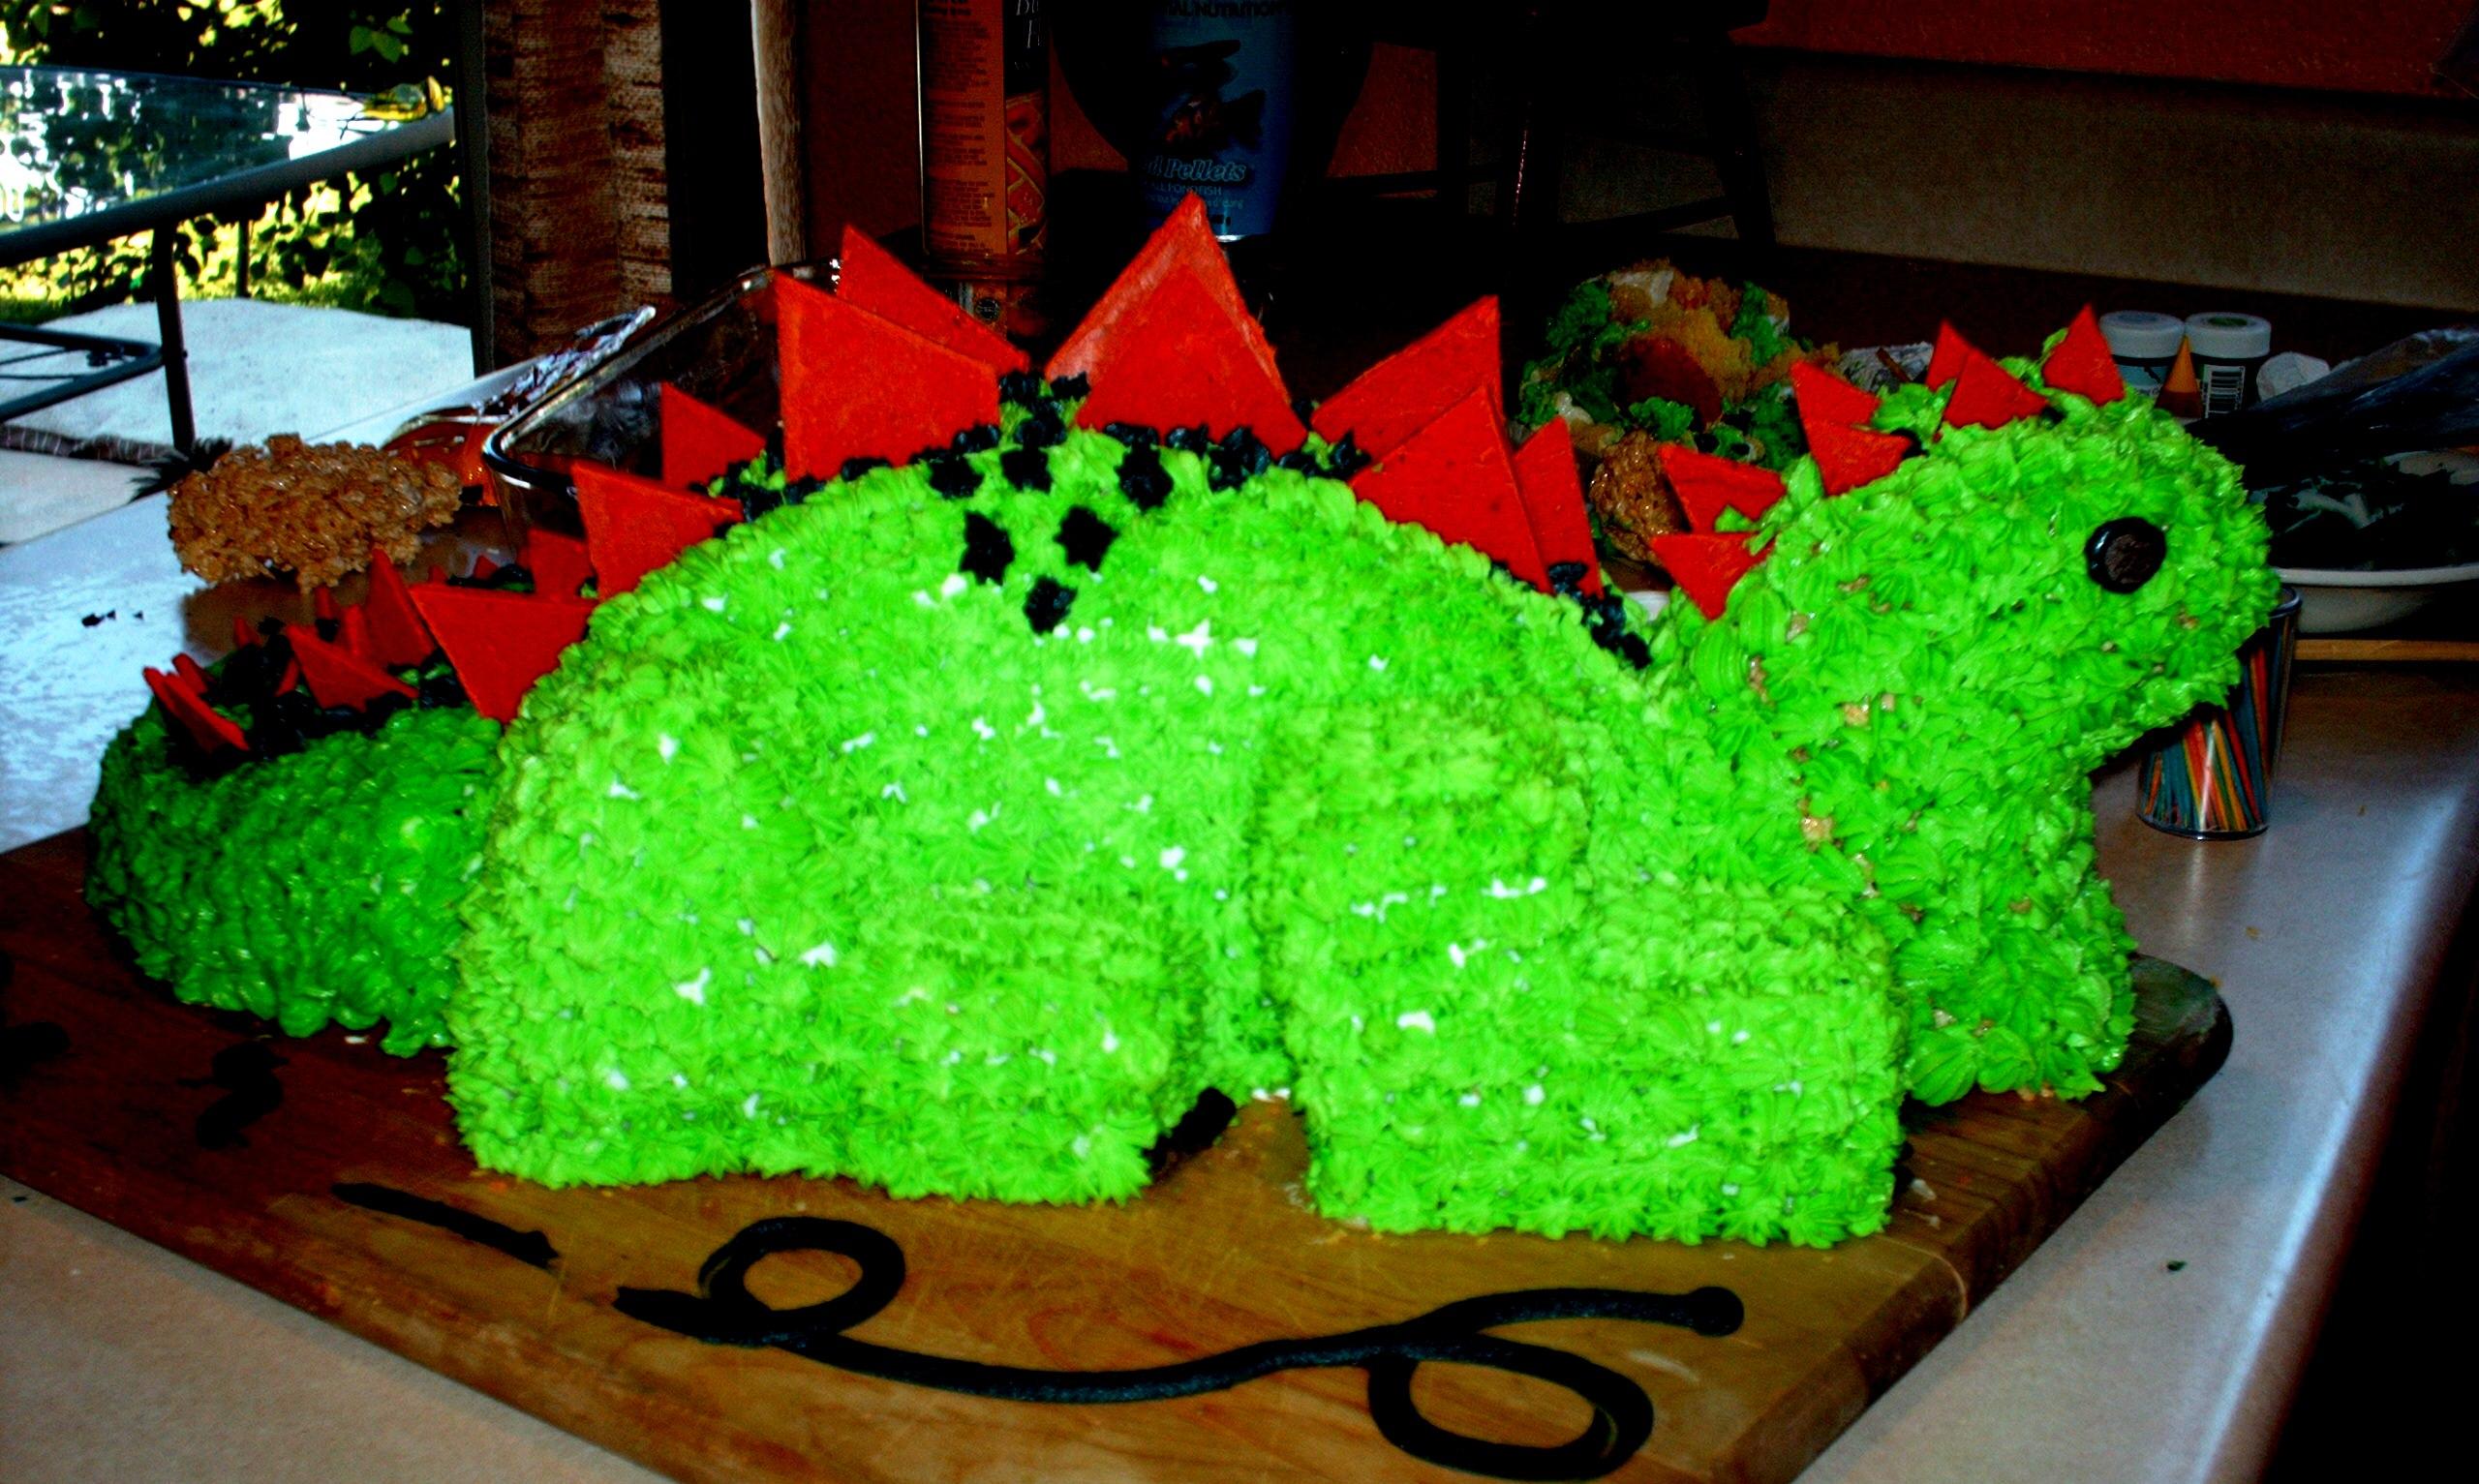 gavins-b-day-cake.JPG